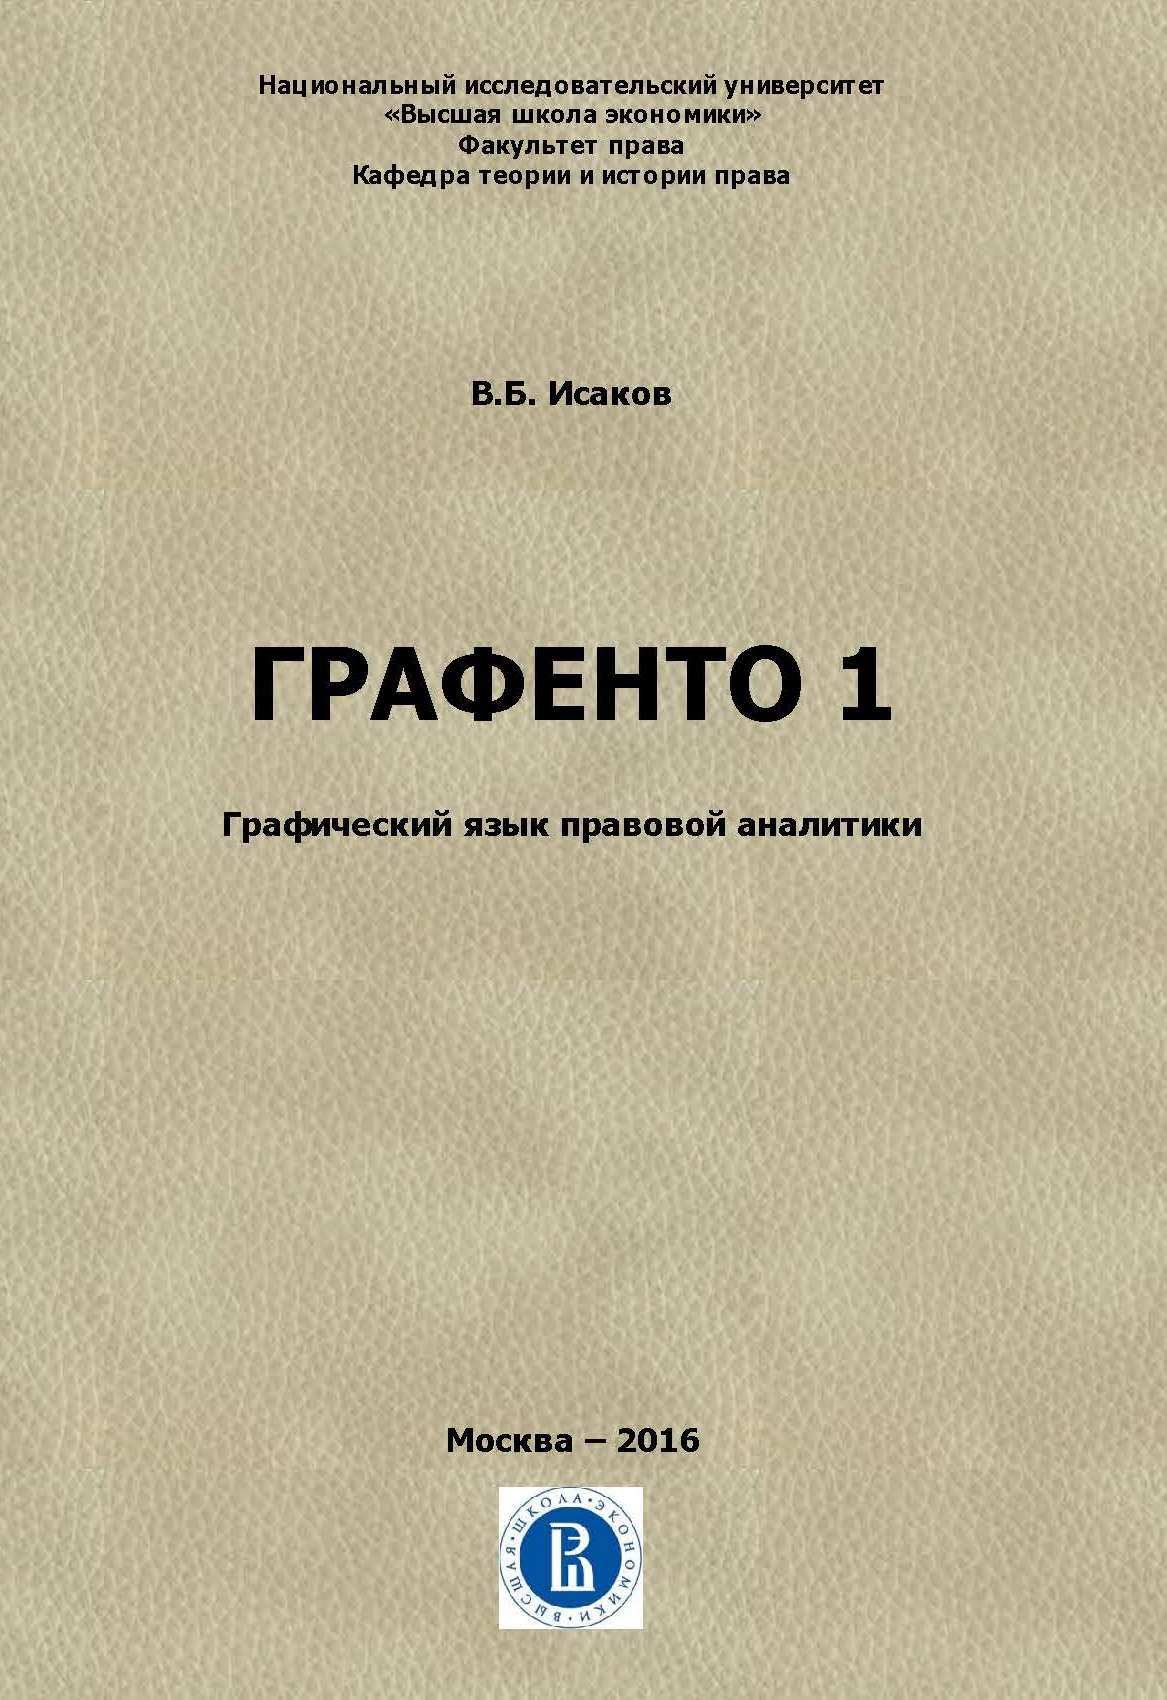 Графенто 1: Графический язык правовой аналитики: Учебное пособие